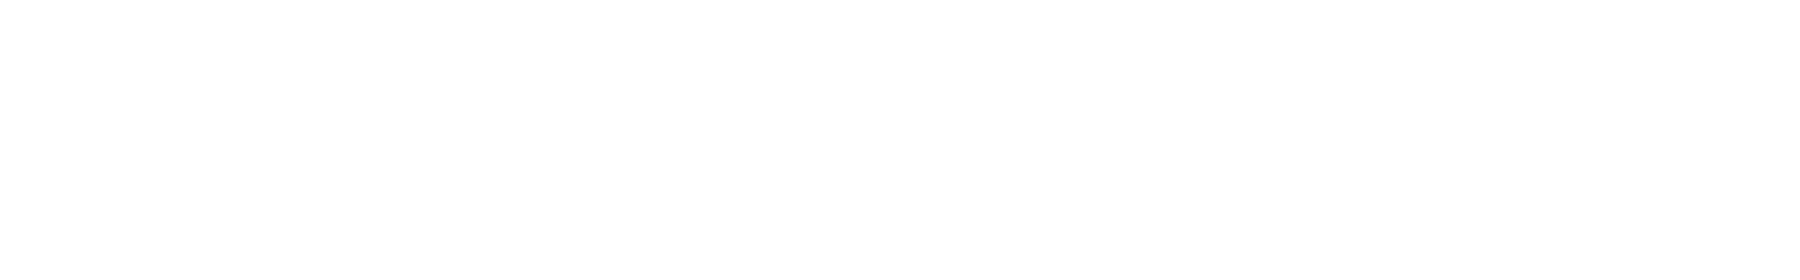 biab glitchhop glitch 28